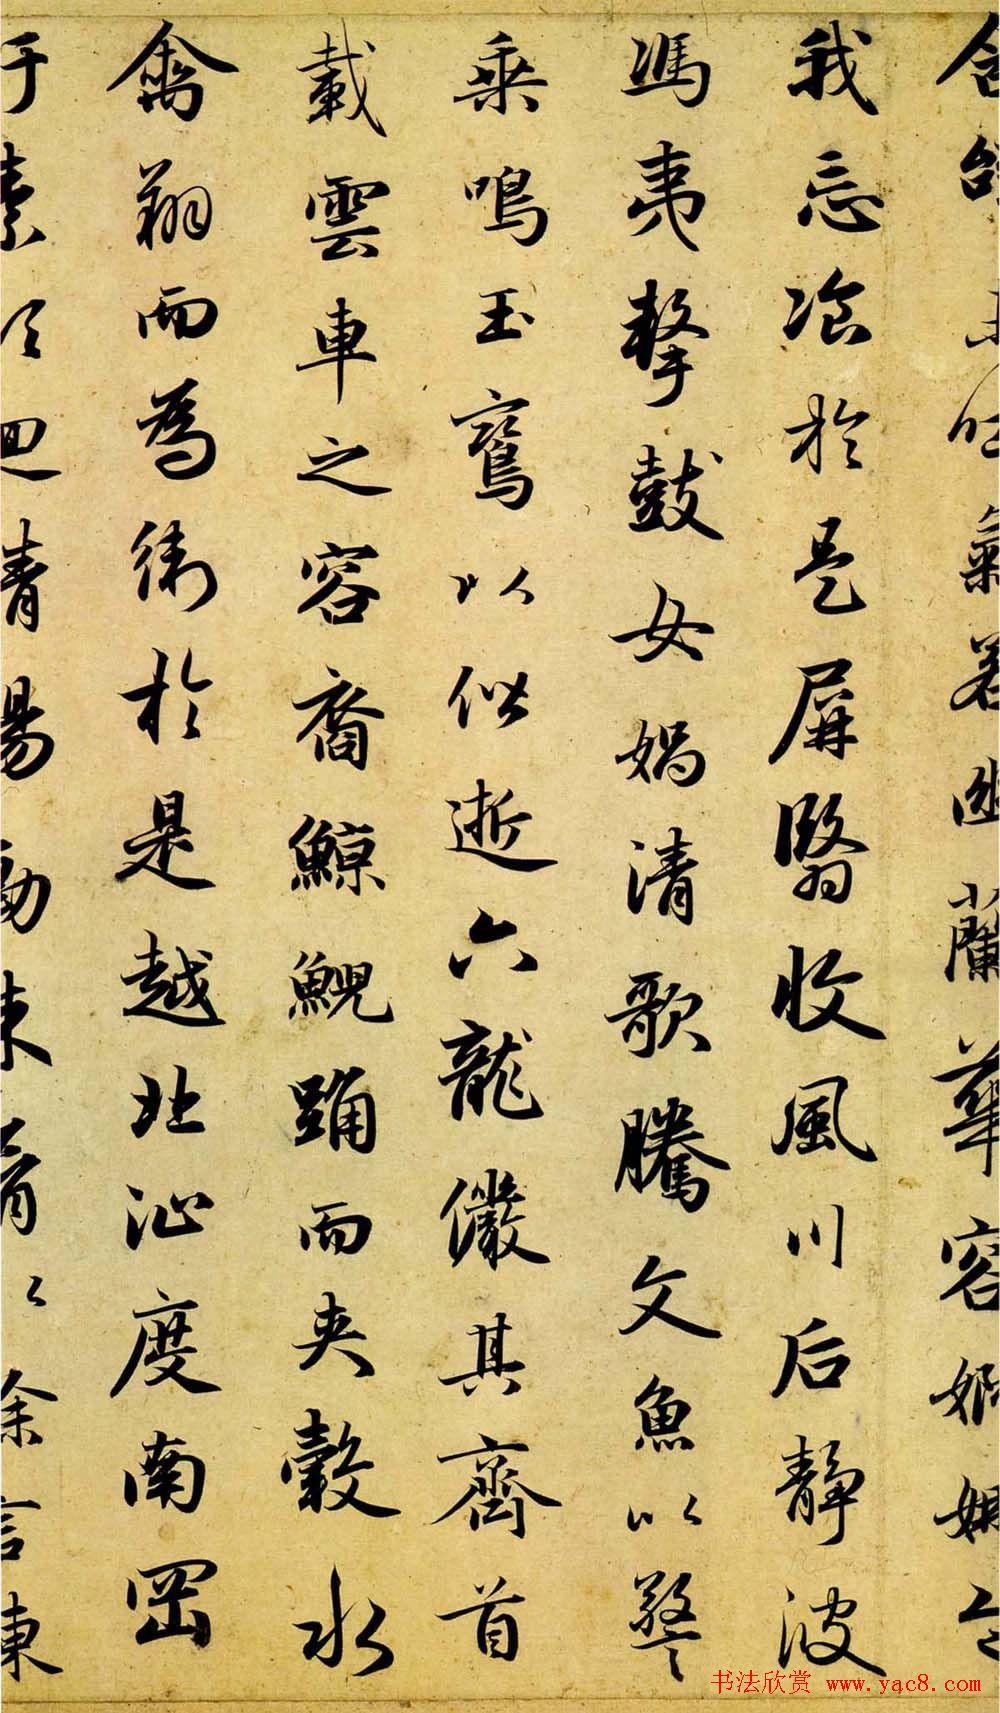 赵孟頫行书书法欣赏《洛神赋》(11)图片